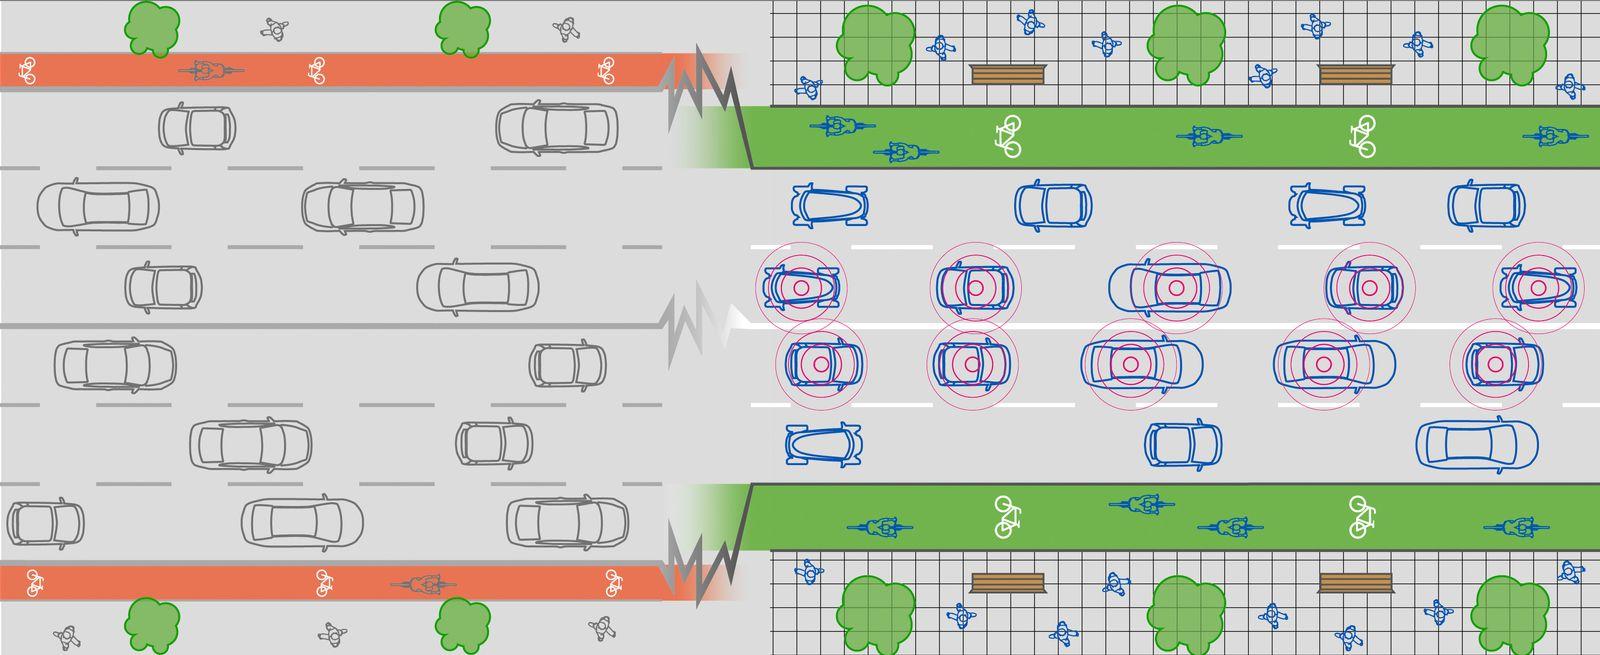 Grafik zum automatisierten Fahren